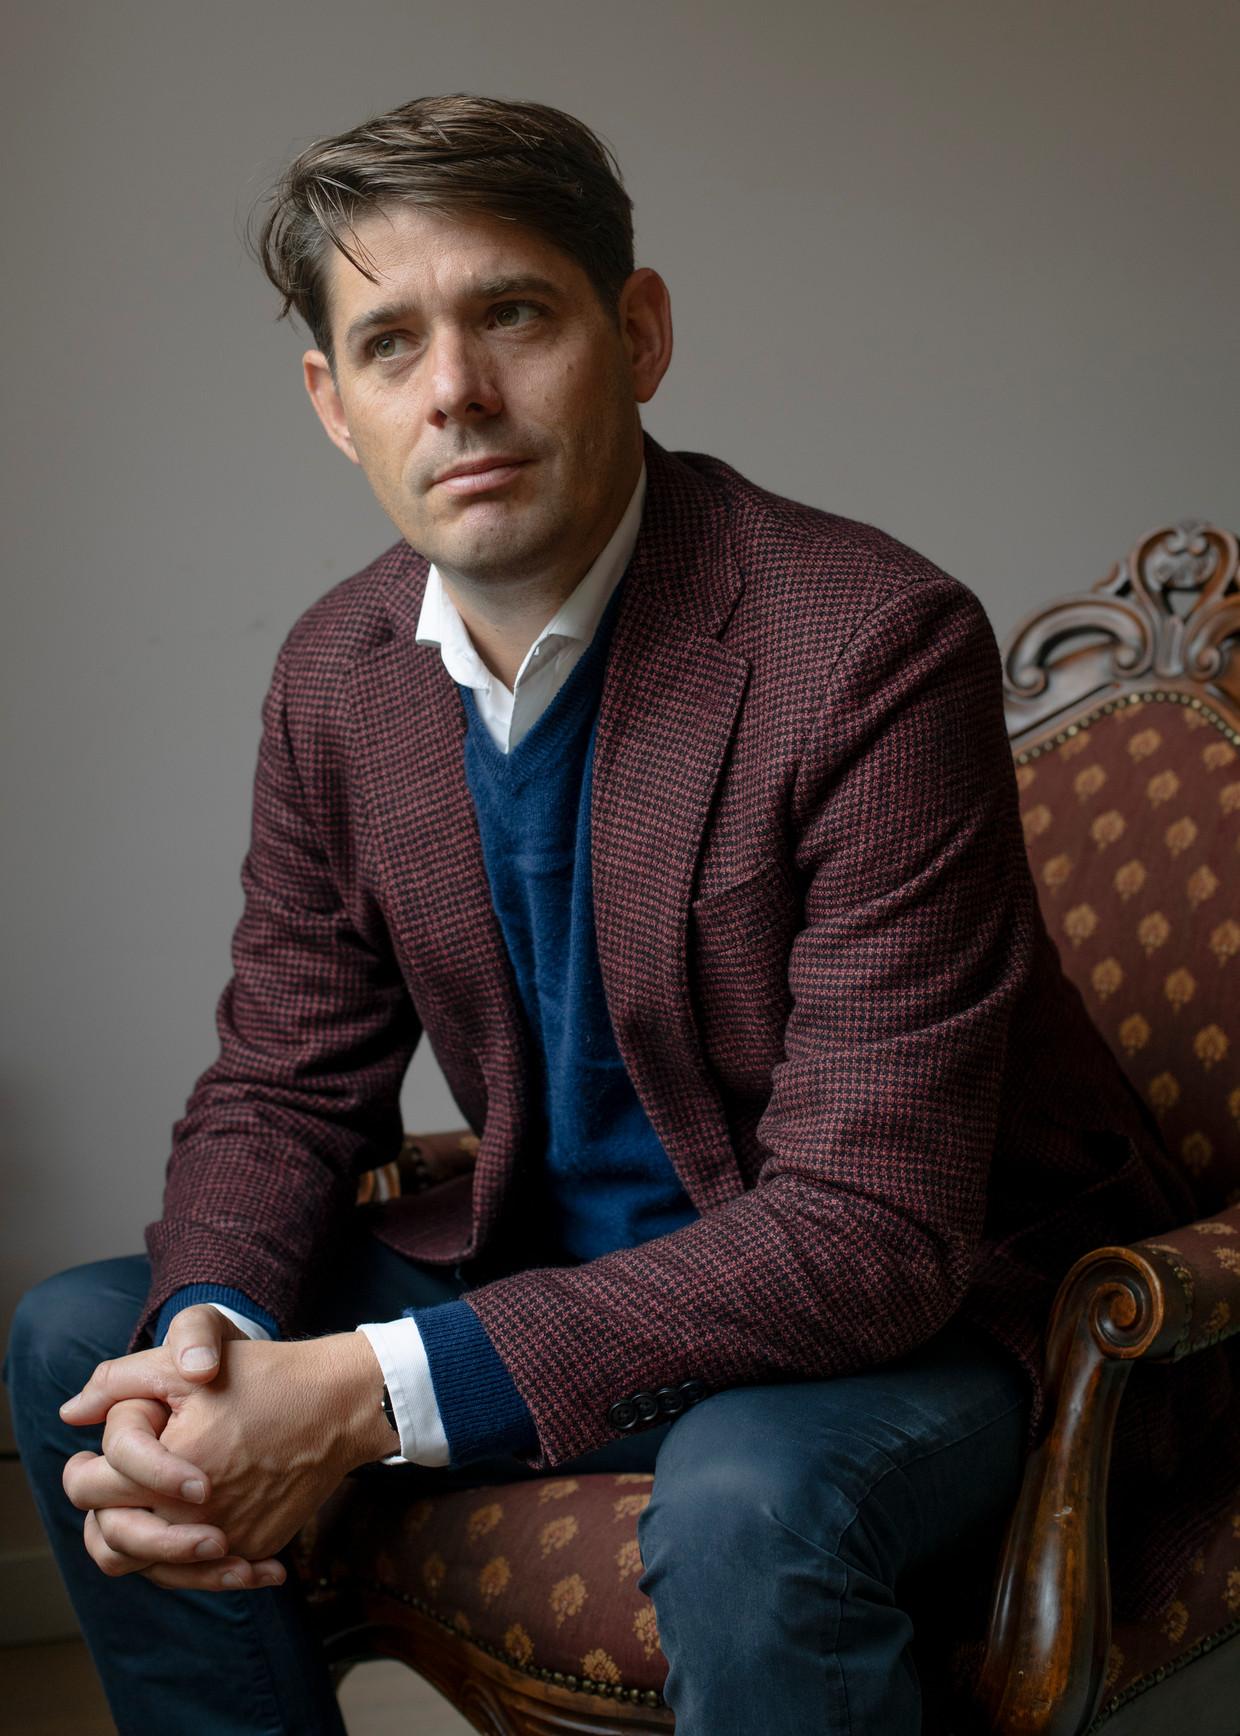 Arjan Vliegenthart: 'De stapjes waarmee iets gedaan wordt aan de woningmarkt zijn heel klein.' Beeld Lin Woldendorp